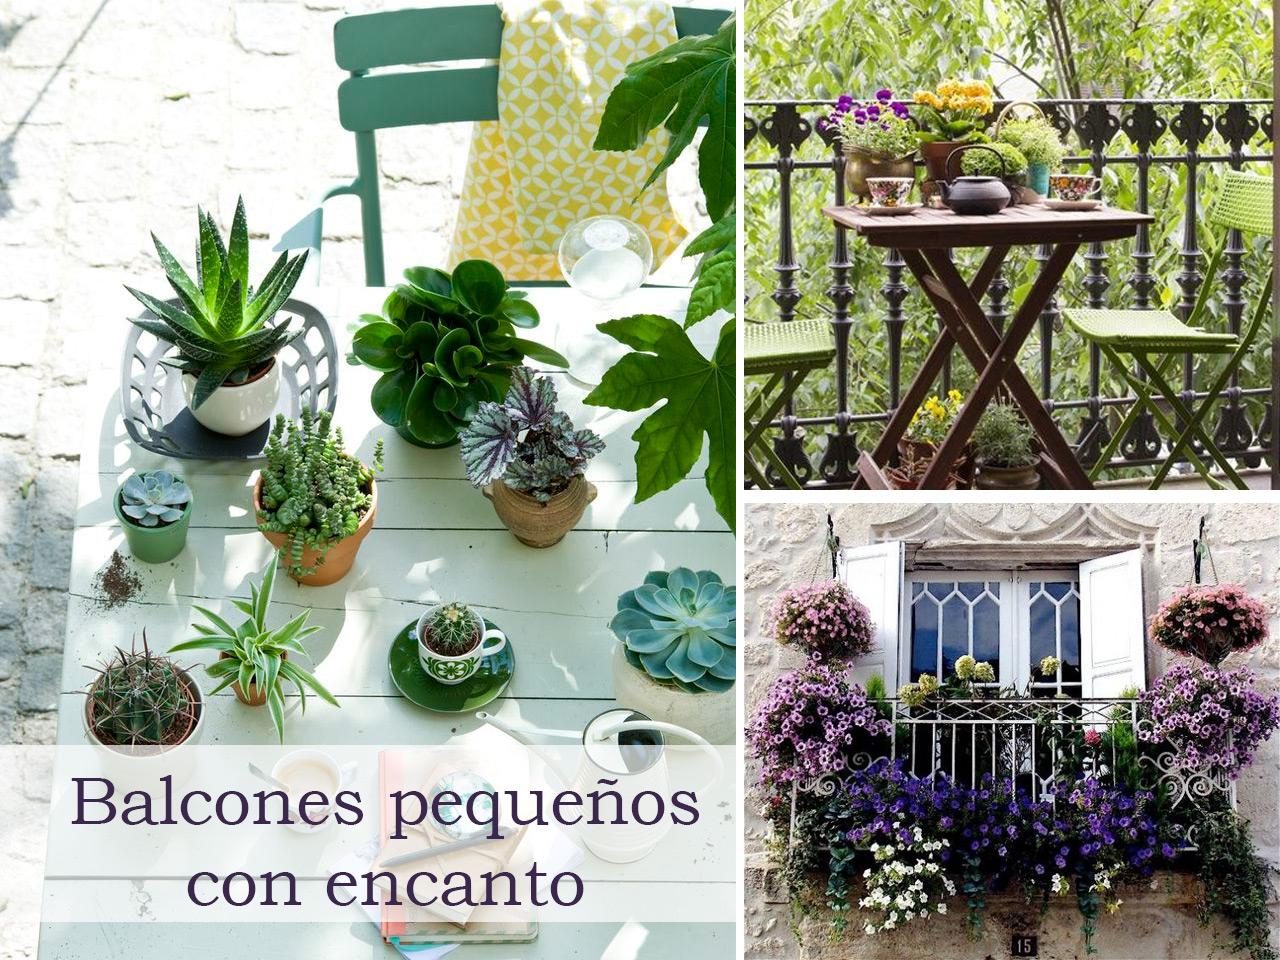 5 consejos para decorar balcones peque os con encanto - Jardines pequenos con encanto ...